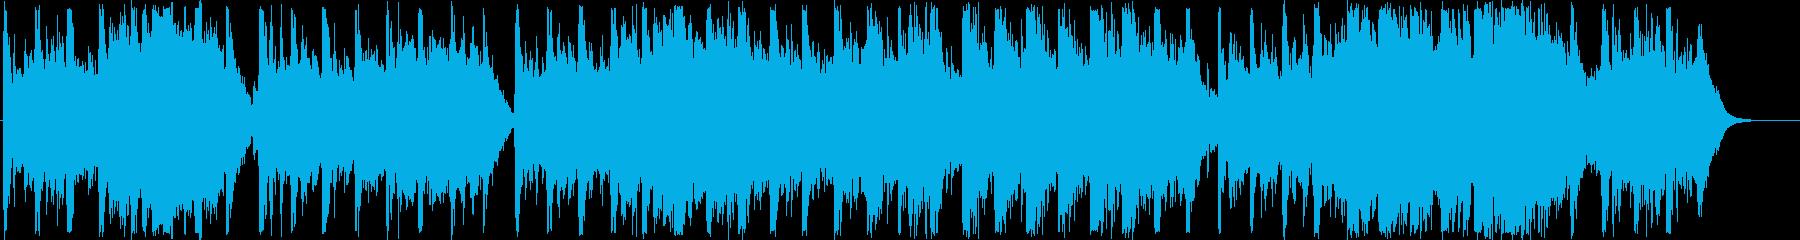 ファンタジーなシンセ・鈴など短めサウンドの再生済みの波形